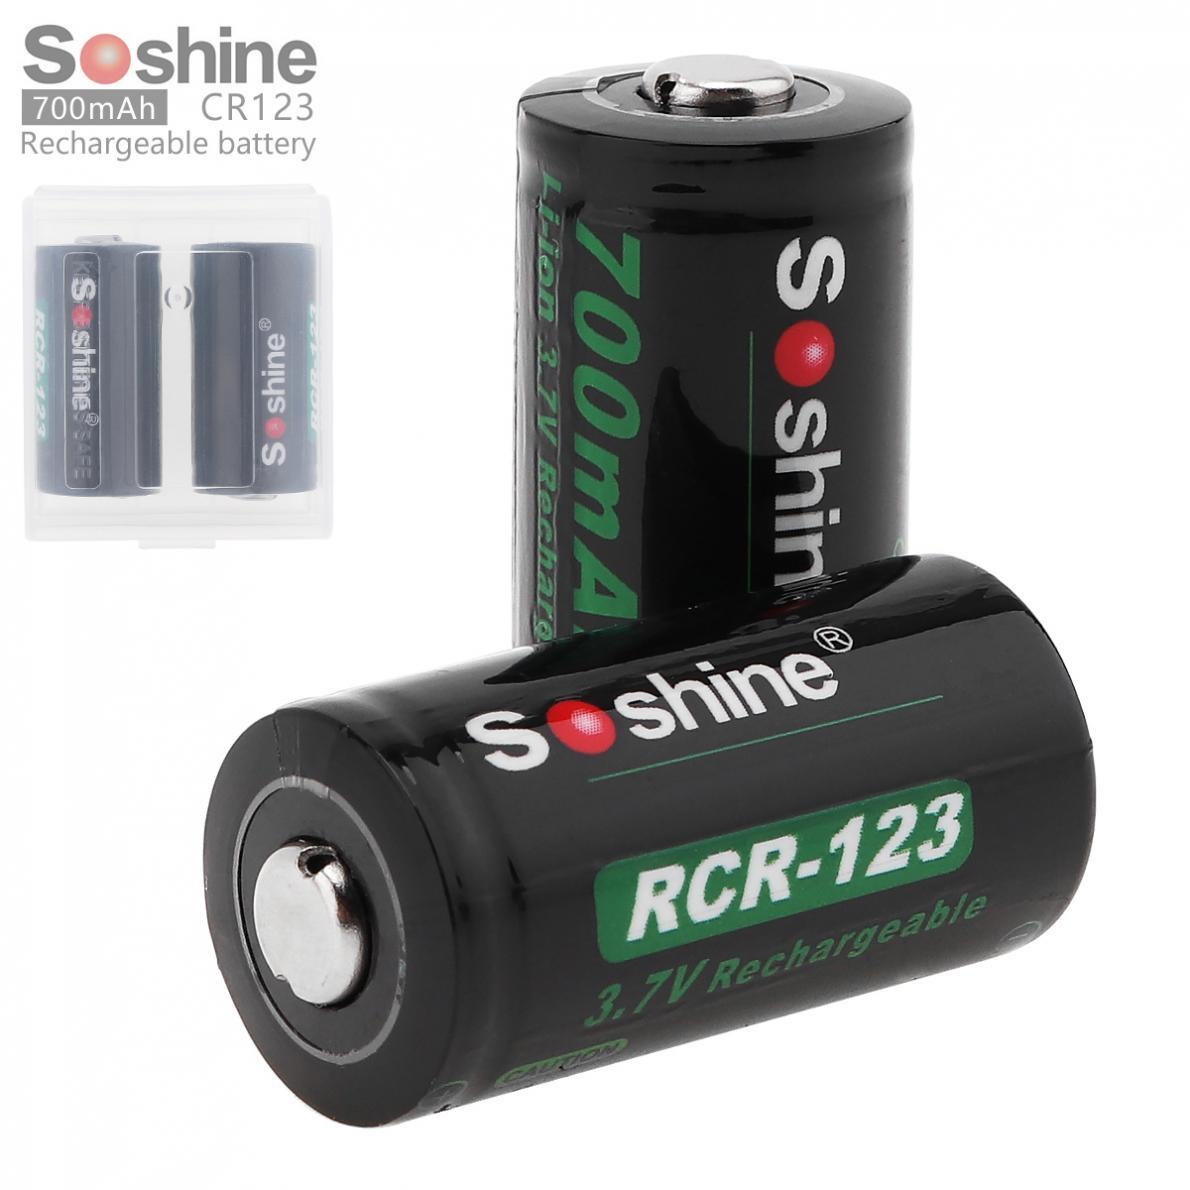 Peças RCR123 2 Soshine Li-ion 16340 Bateria Recarregável 700 V 3.7 mAh Li-ion 16340 baterias + Caixa de Bateria Caixa de Armazenamento